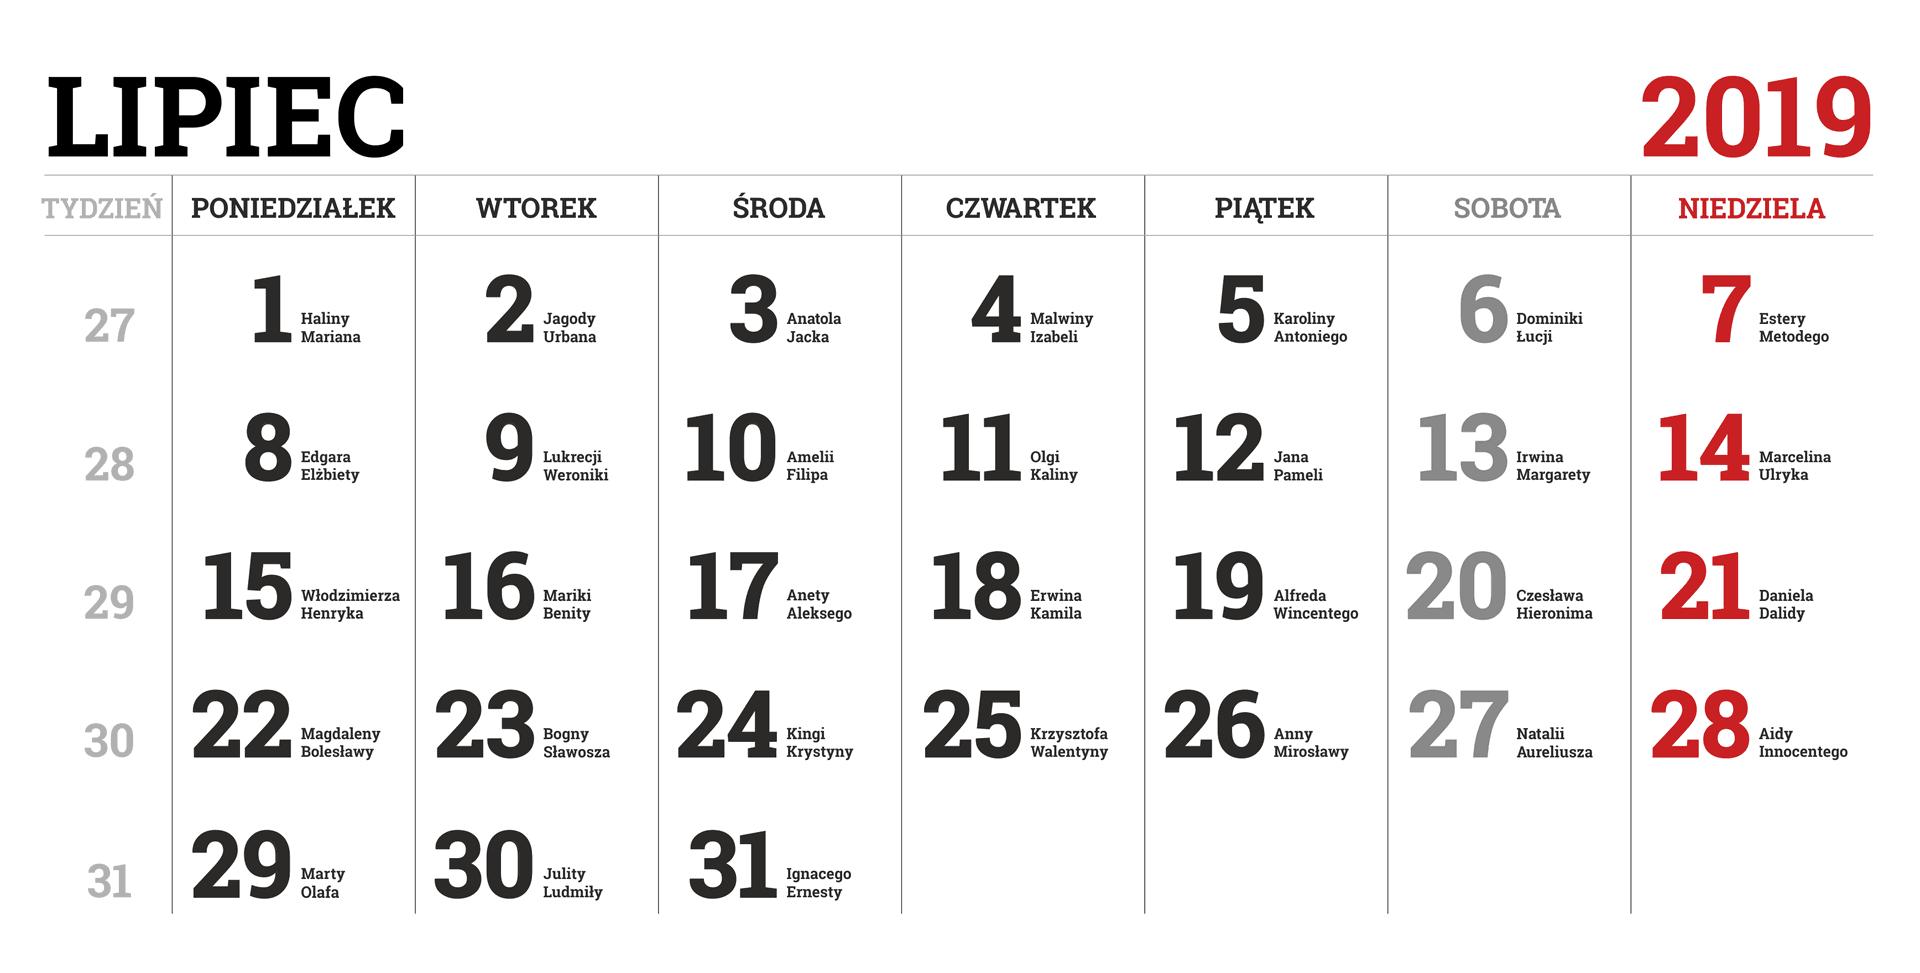 Kalendarium miesiąca lipca 2019 roku